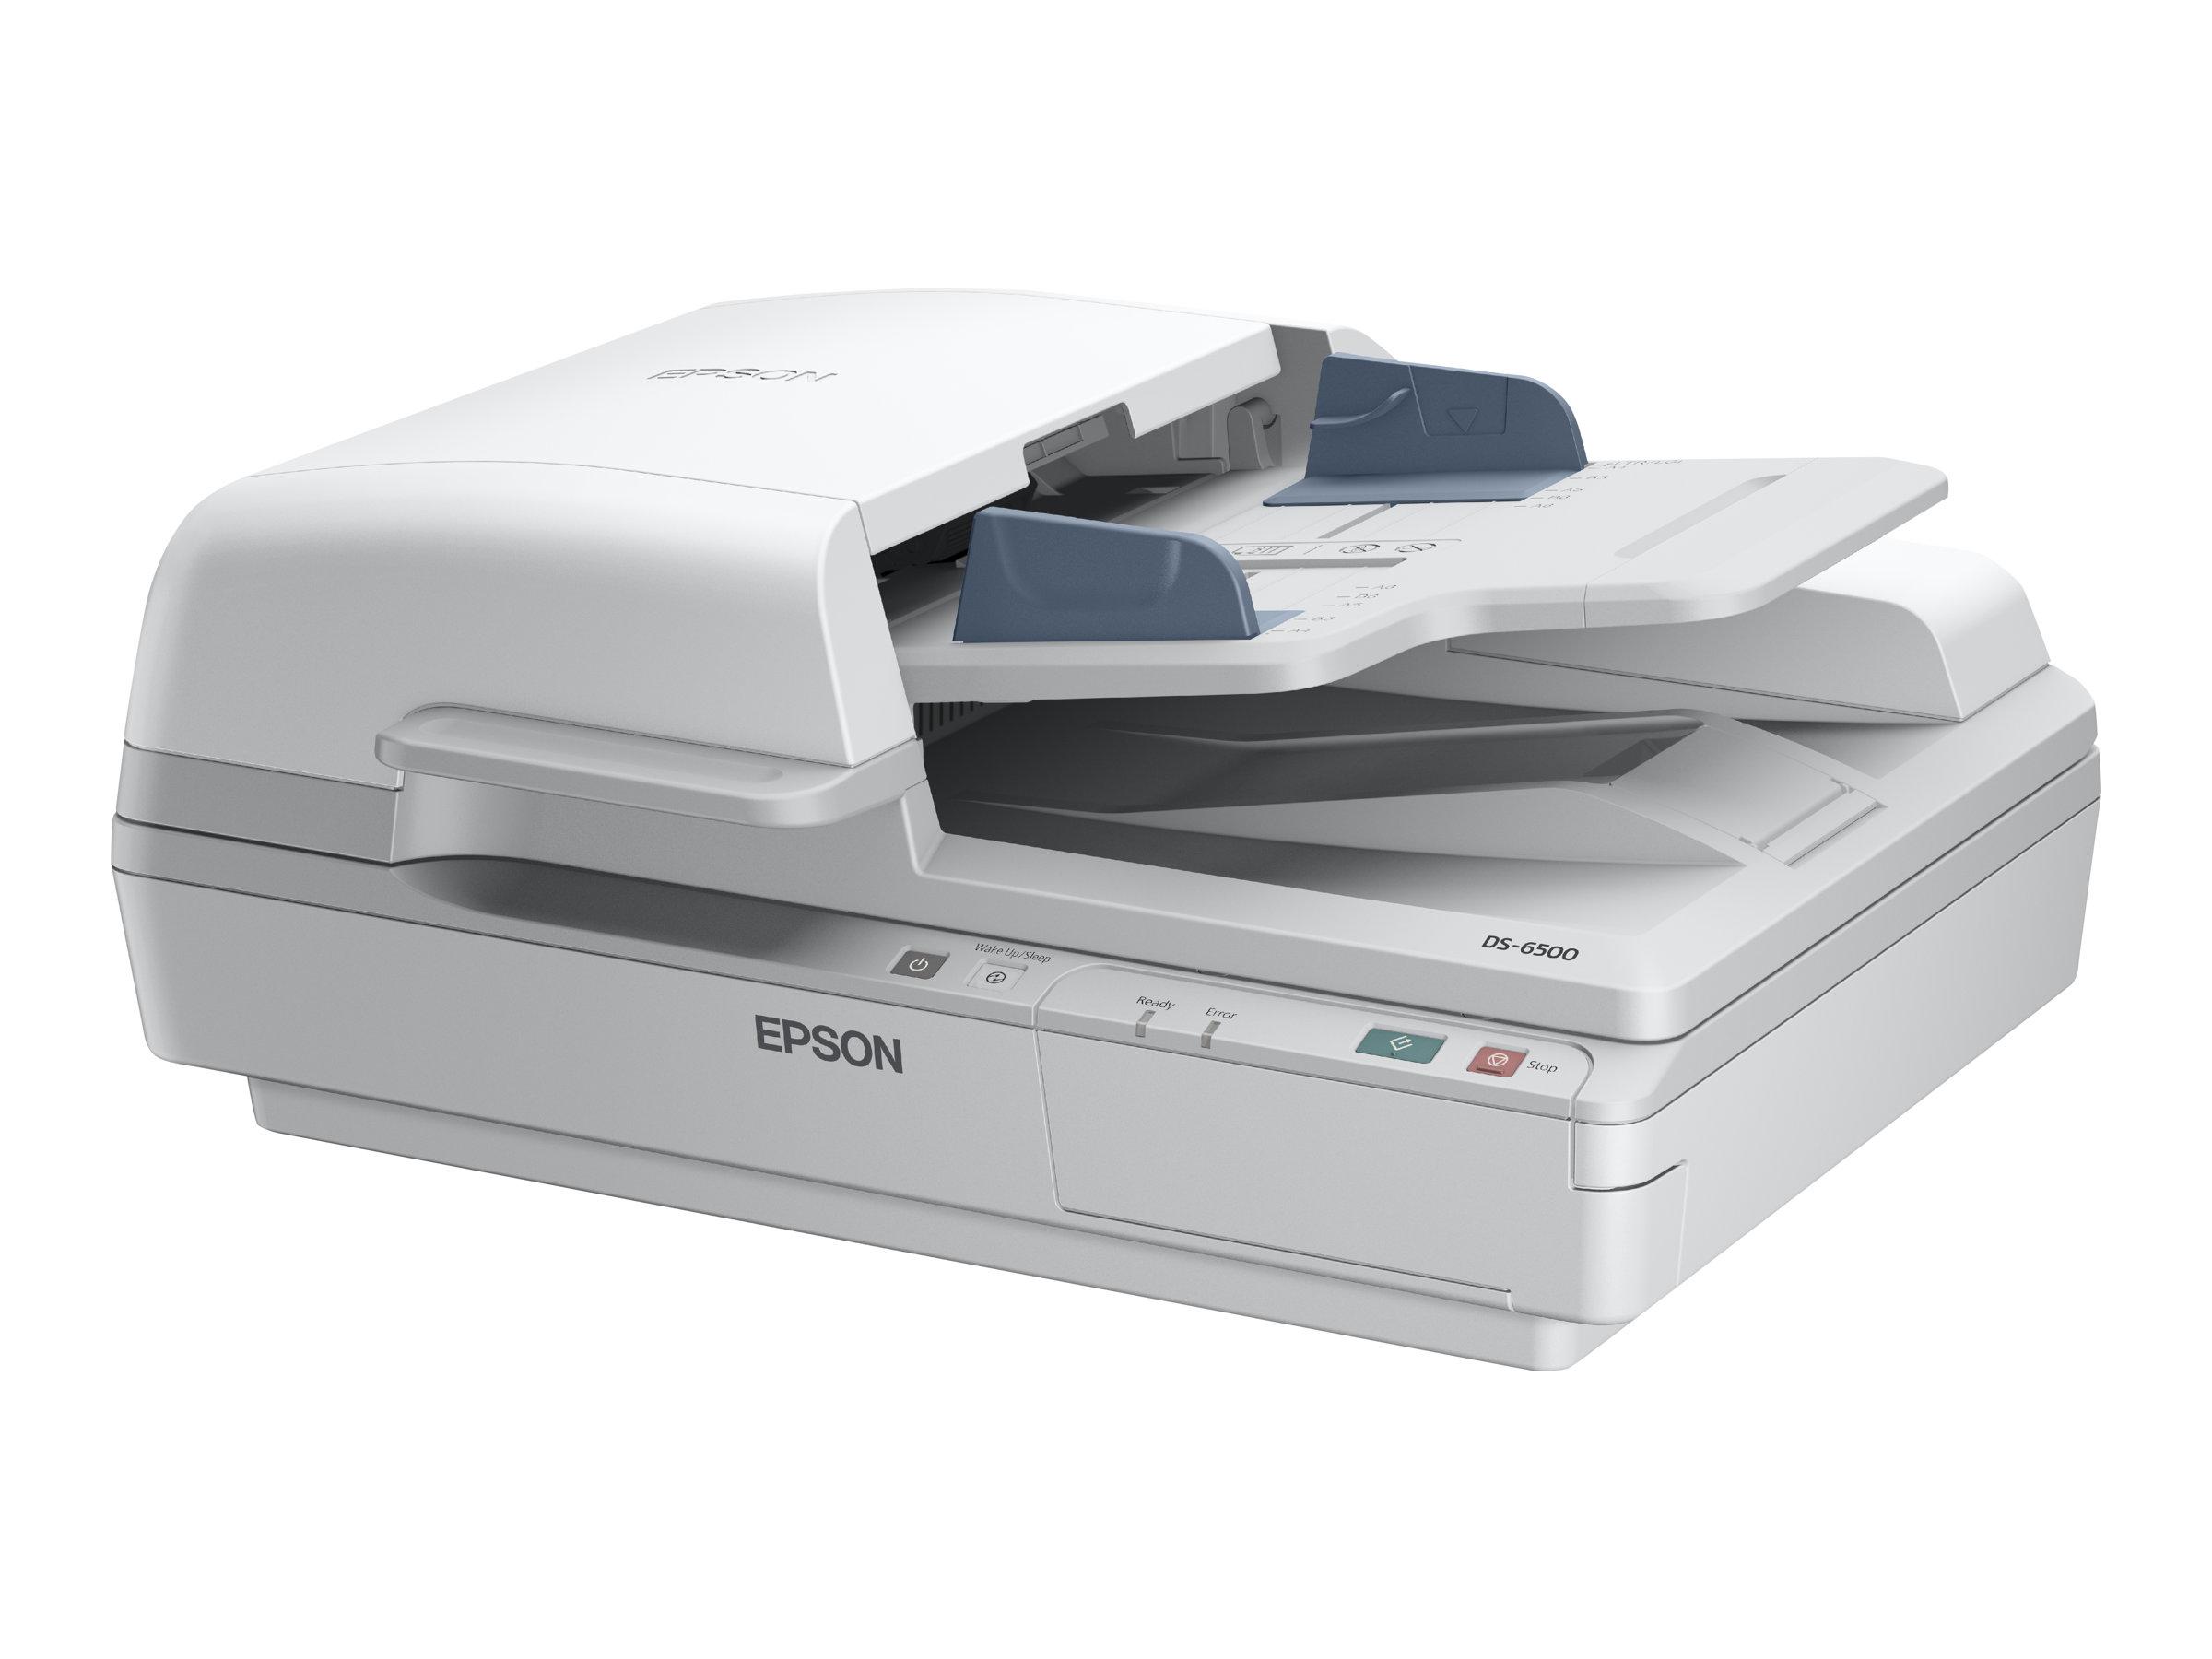 Epson WorkForce DS-7500 - document scanner - USB 2.0